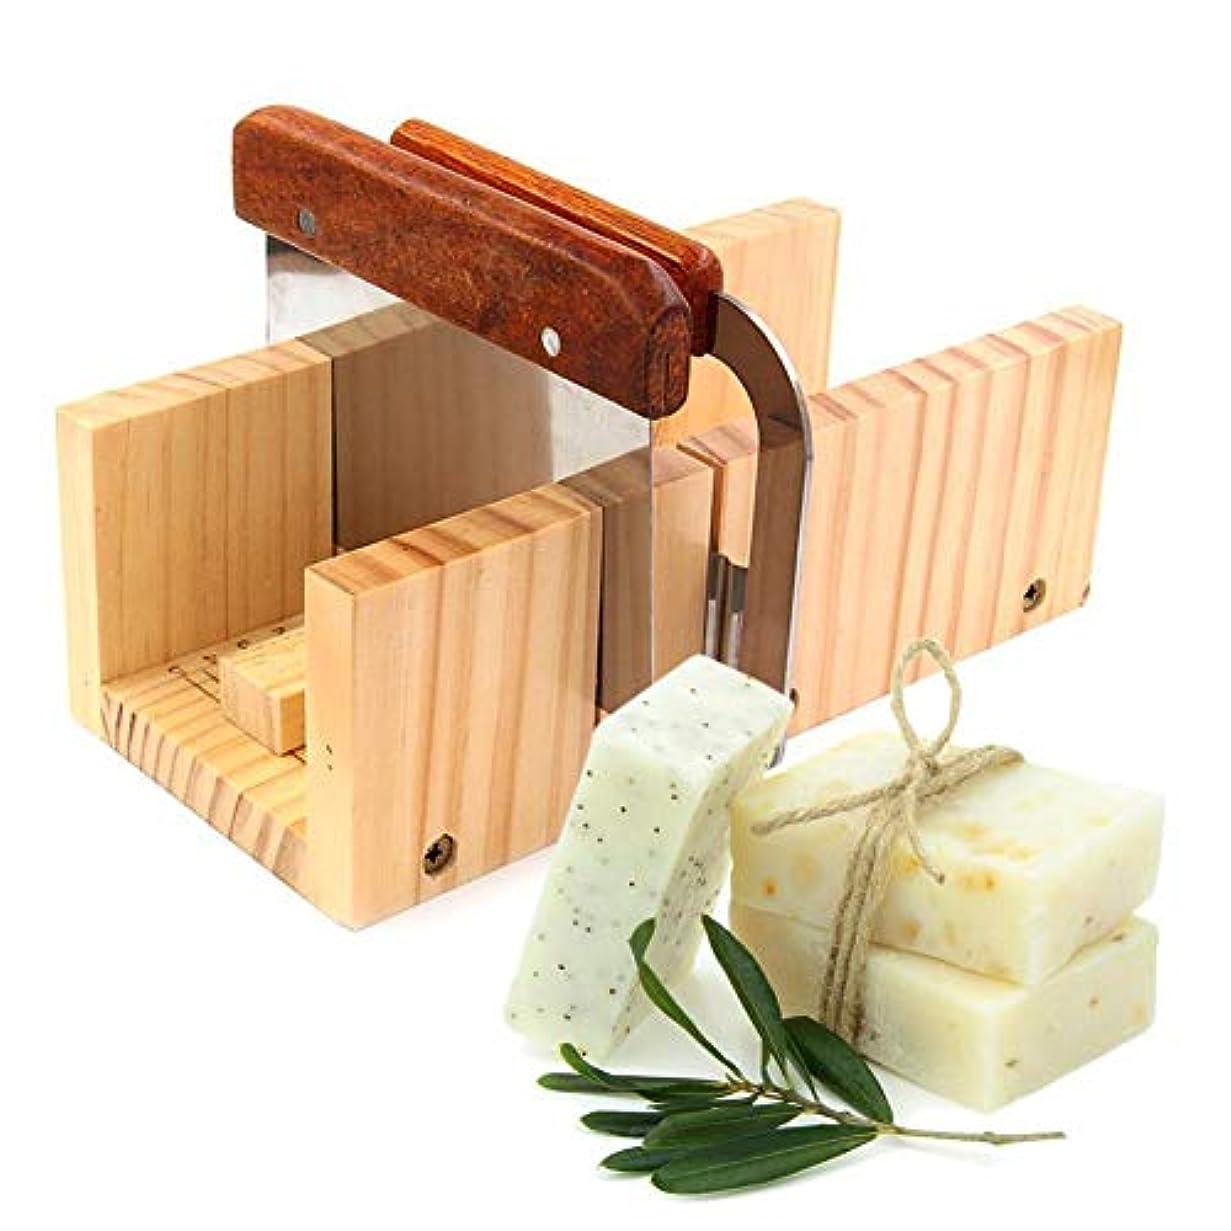 のアンペアアレンジRagem ソープカッター 手作り石鹸金型 木製 ローフカッターボックス 調整可能 多機能ソープ切削工具 ストレートプレーニングツール